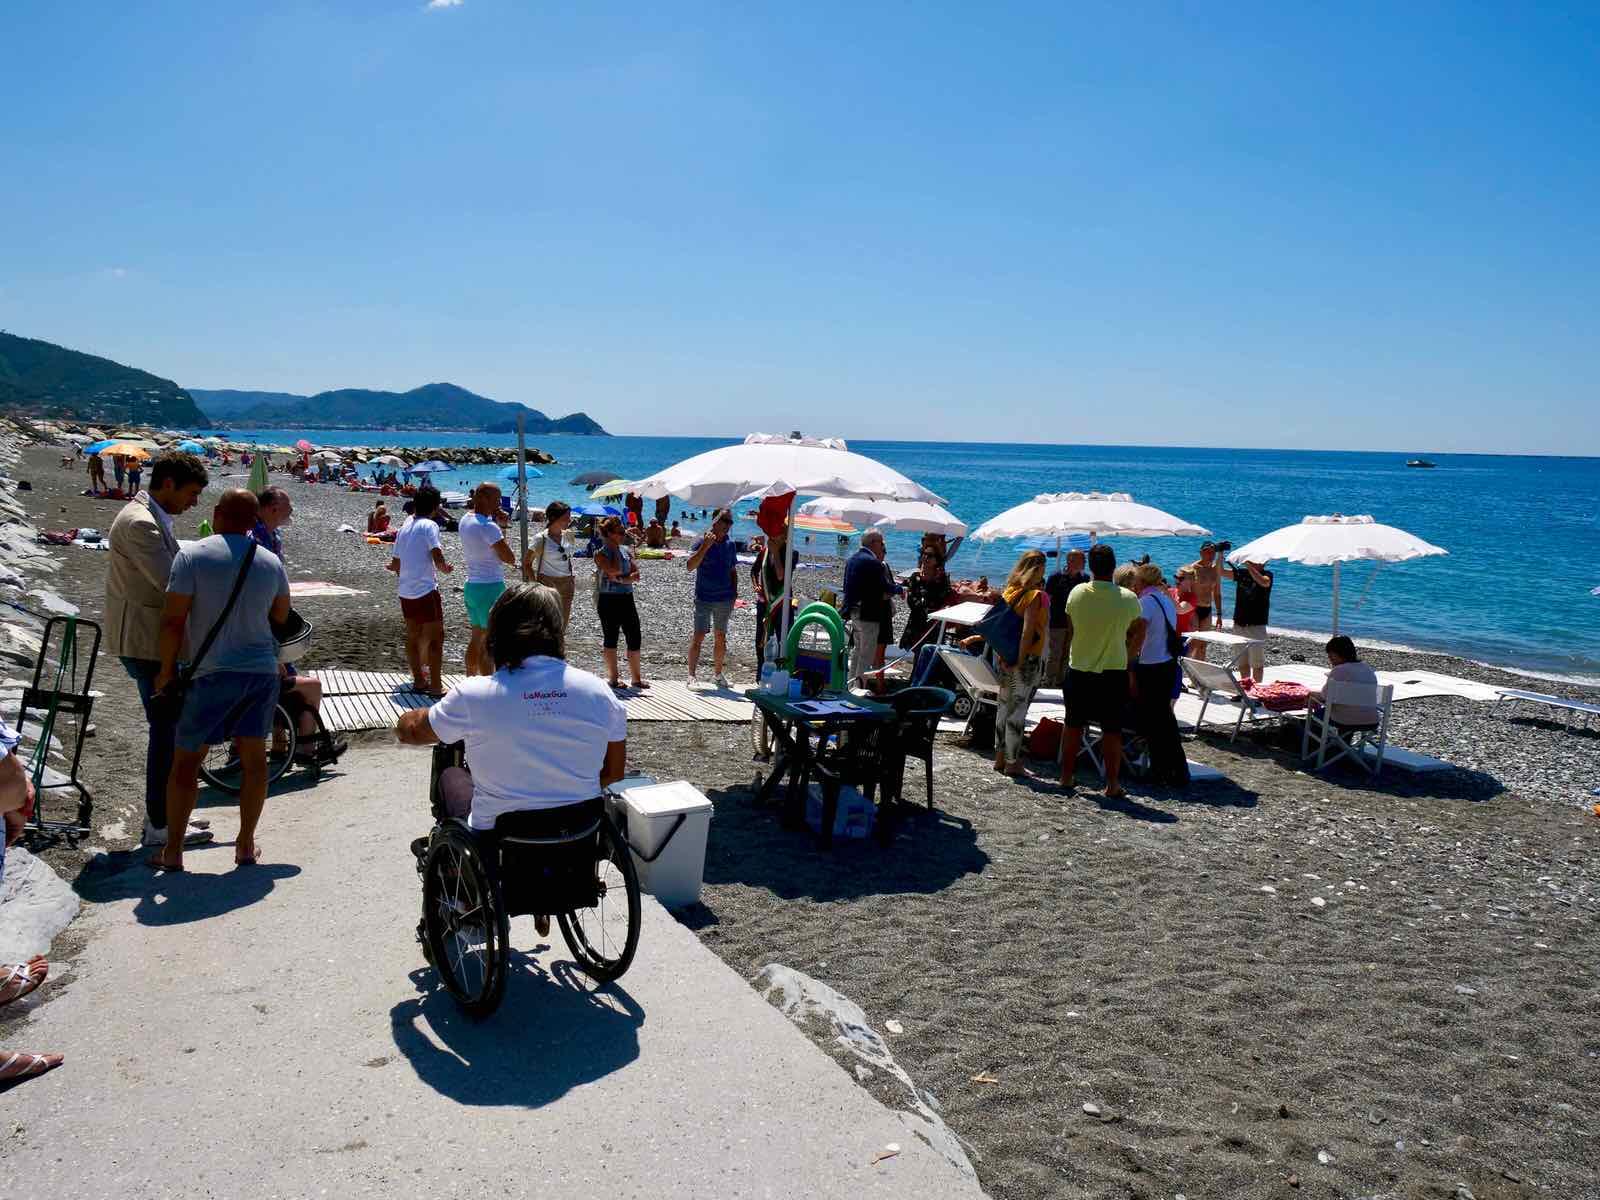 Inaugurazione spiaggia attrezzata di Lavagna per persone disabili 2019.07.16 - 8